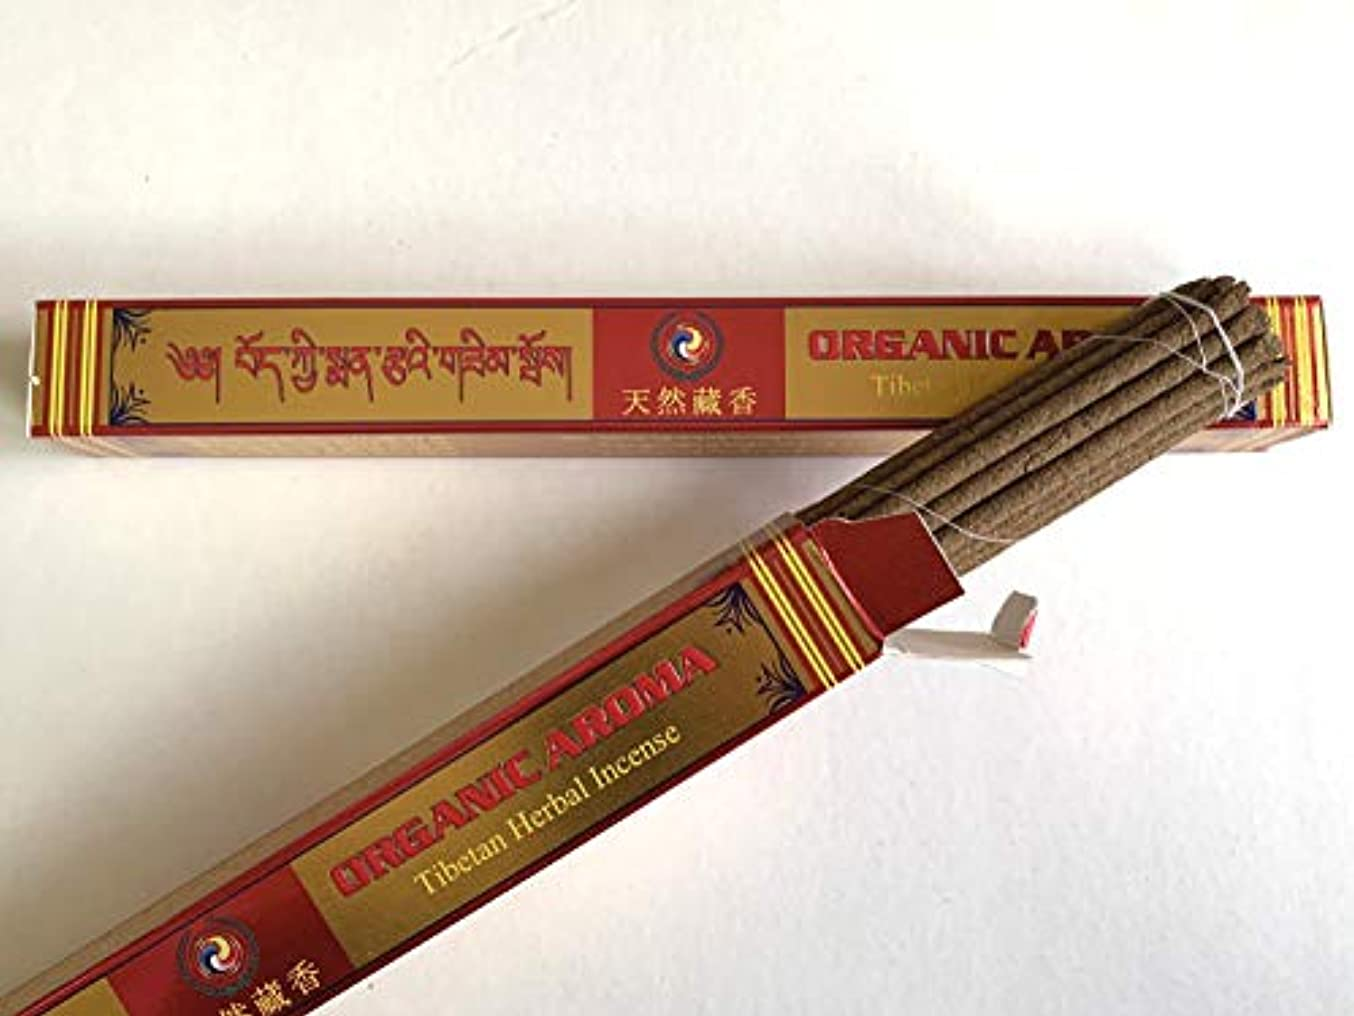 勝利した医学に関してBonpo Tsang Agarbathi Factory/オーガニックアロマ(天然藏香) ORGANIC AROMA 約25本入り